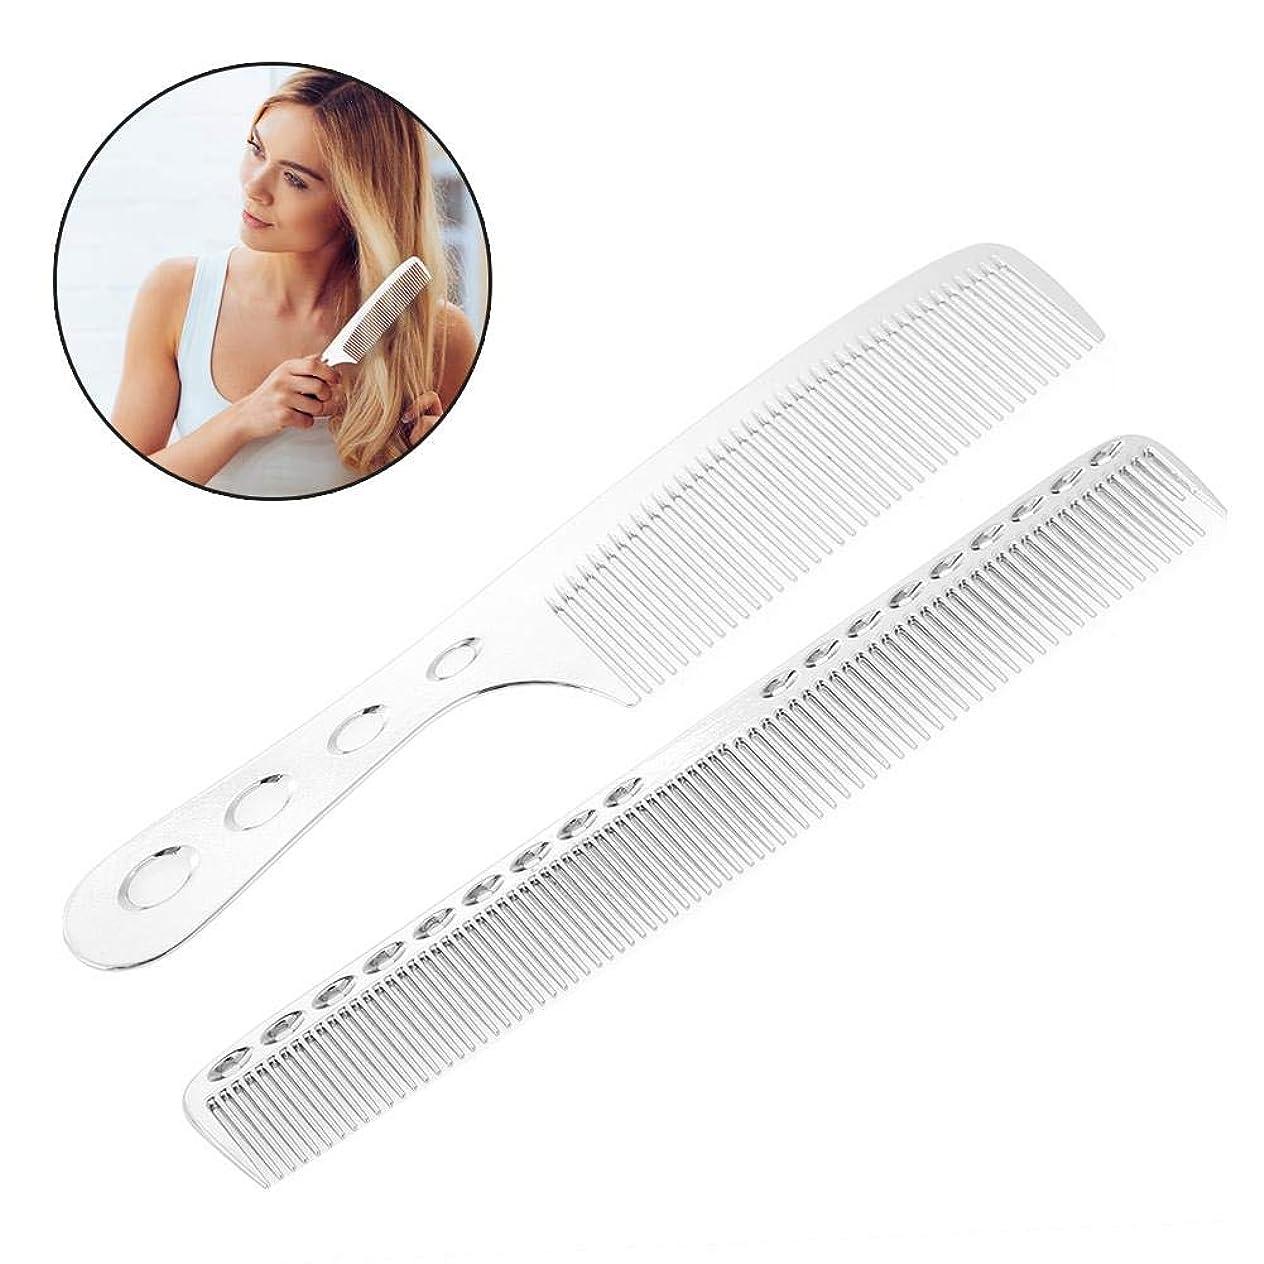 節約雪申込み理髪、2ピース/セット髪くしスペースアルミステンレス鋼帯電防止散髪散髪櫛美容ツールのためのプロの耐久性のあるスペースアルミニウム理髪師の櫛